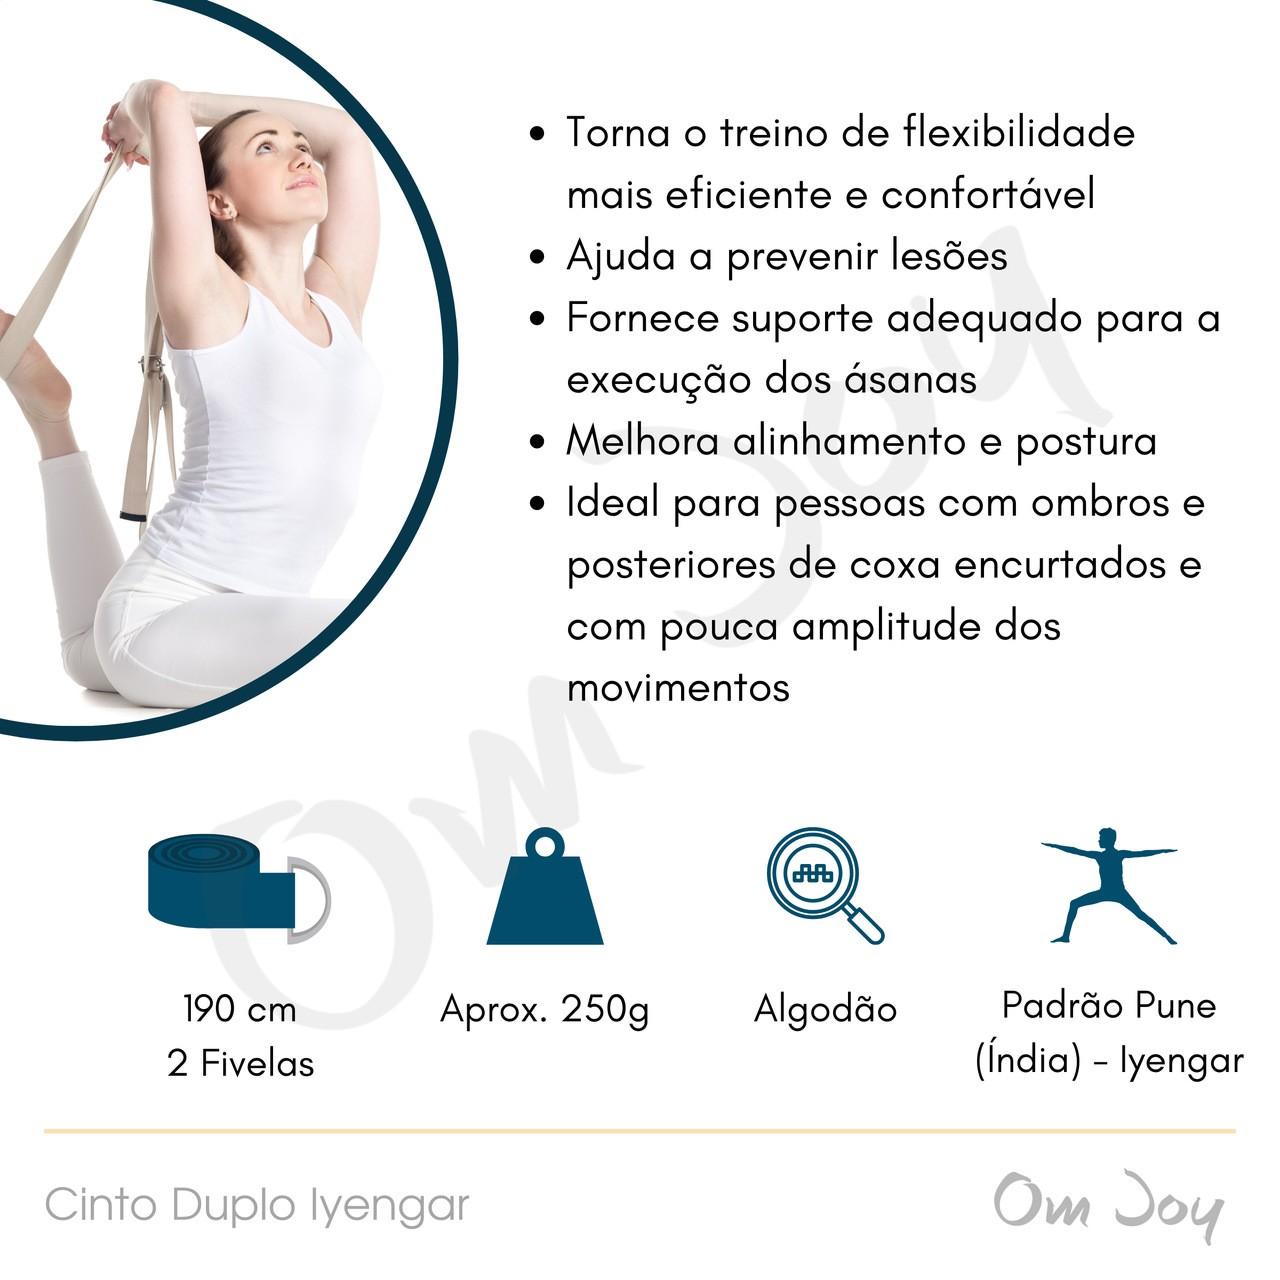 Cinto Duplo Iyengar Yoga